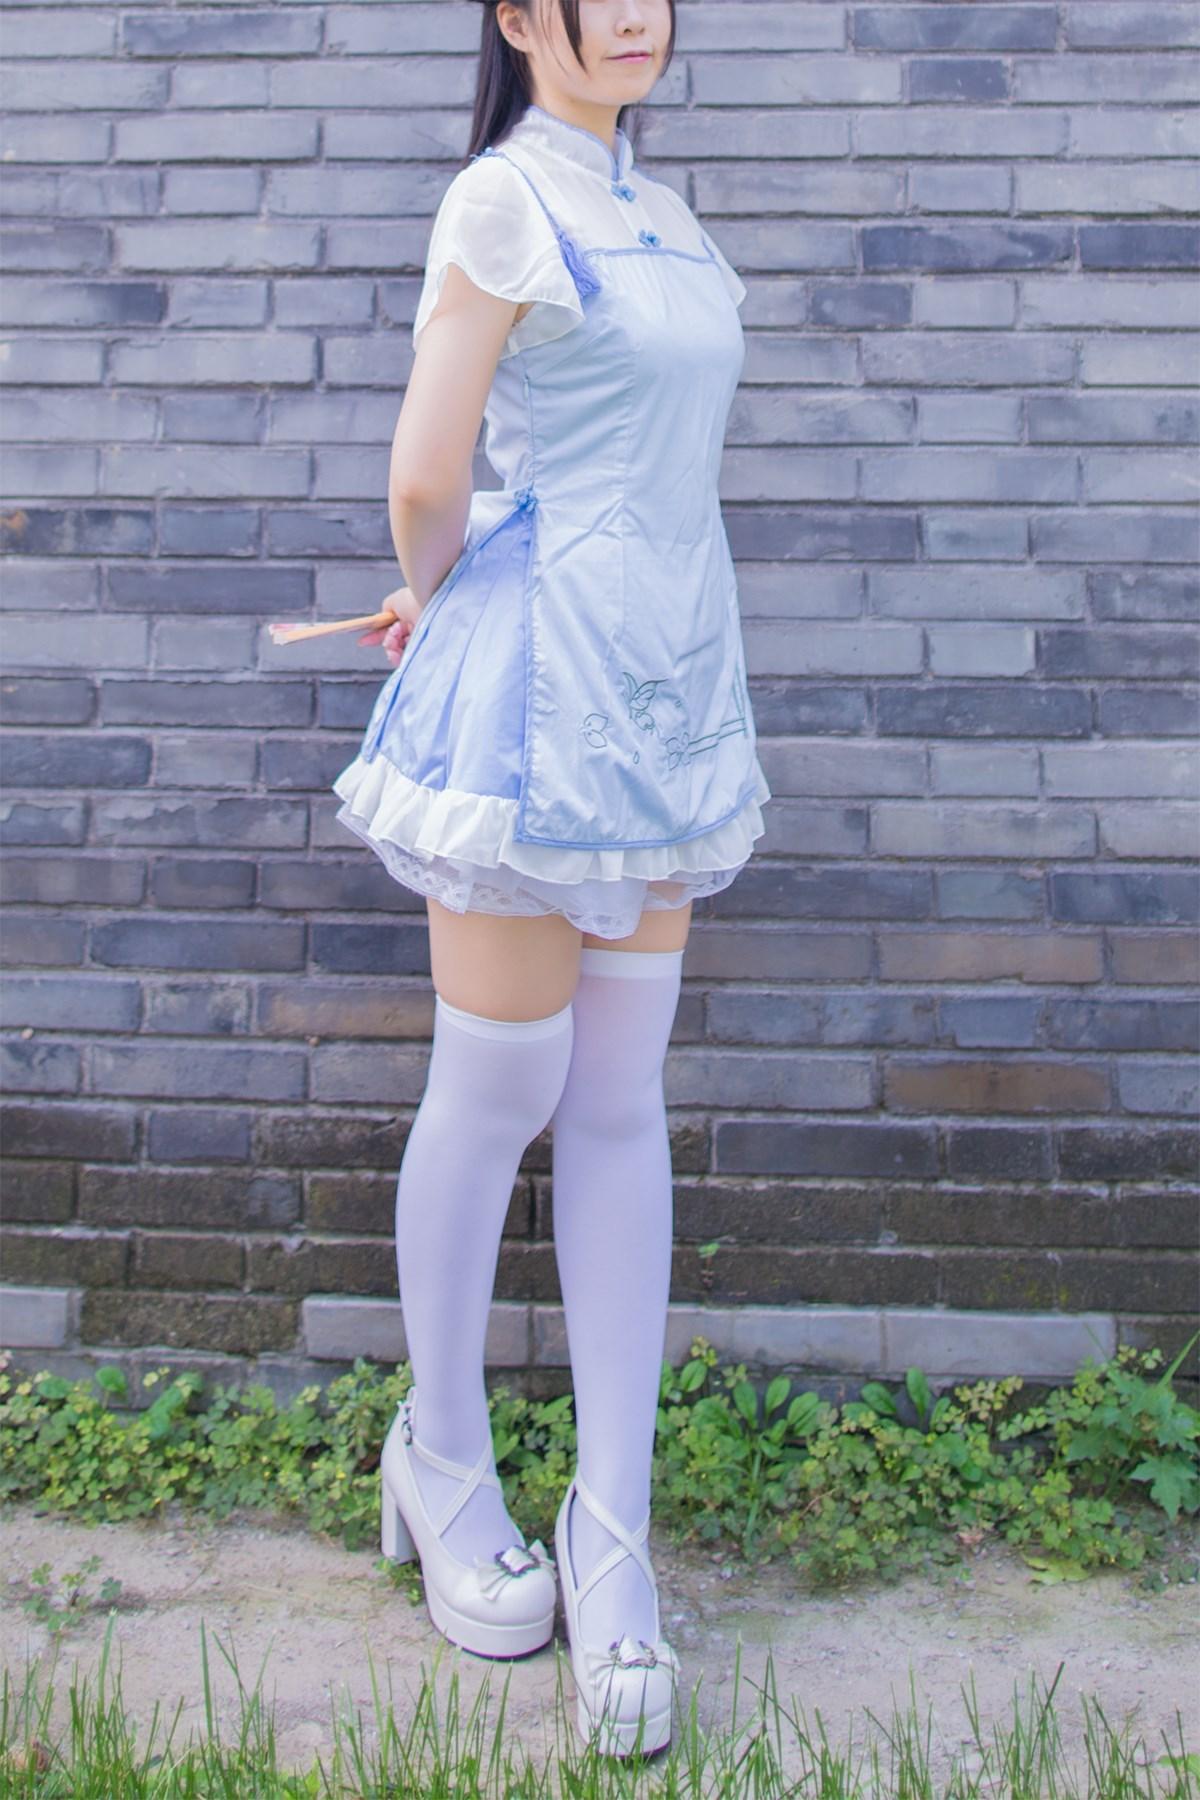 【兔玩映画】白丝旗袍 兔玩映画 第2张